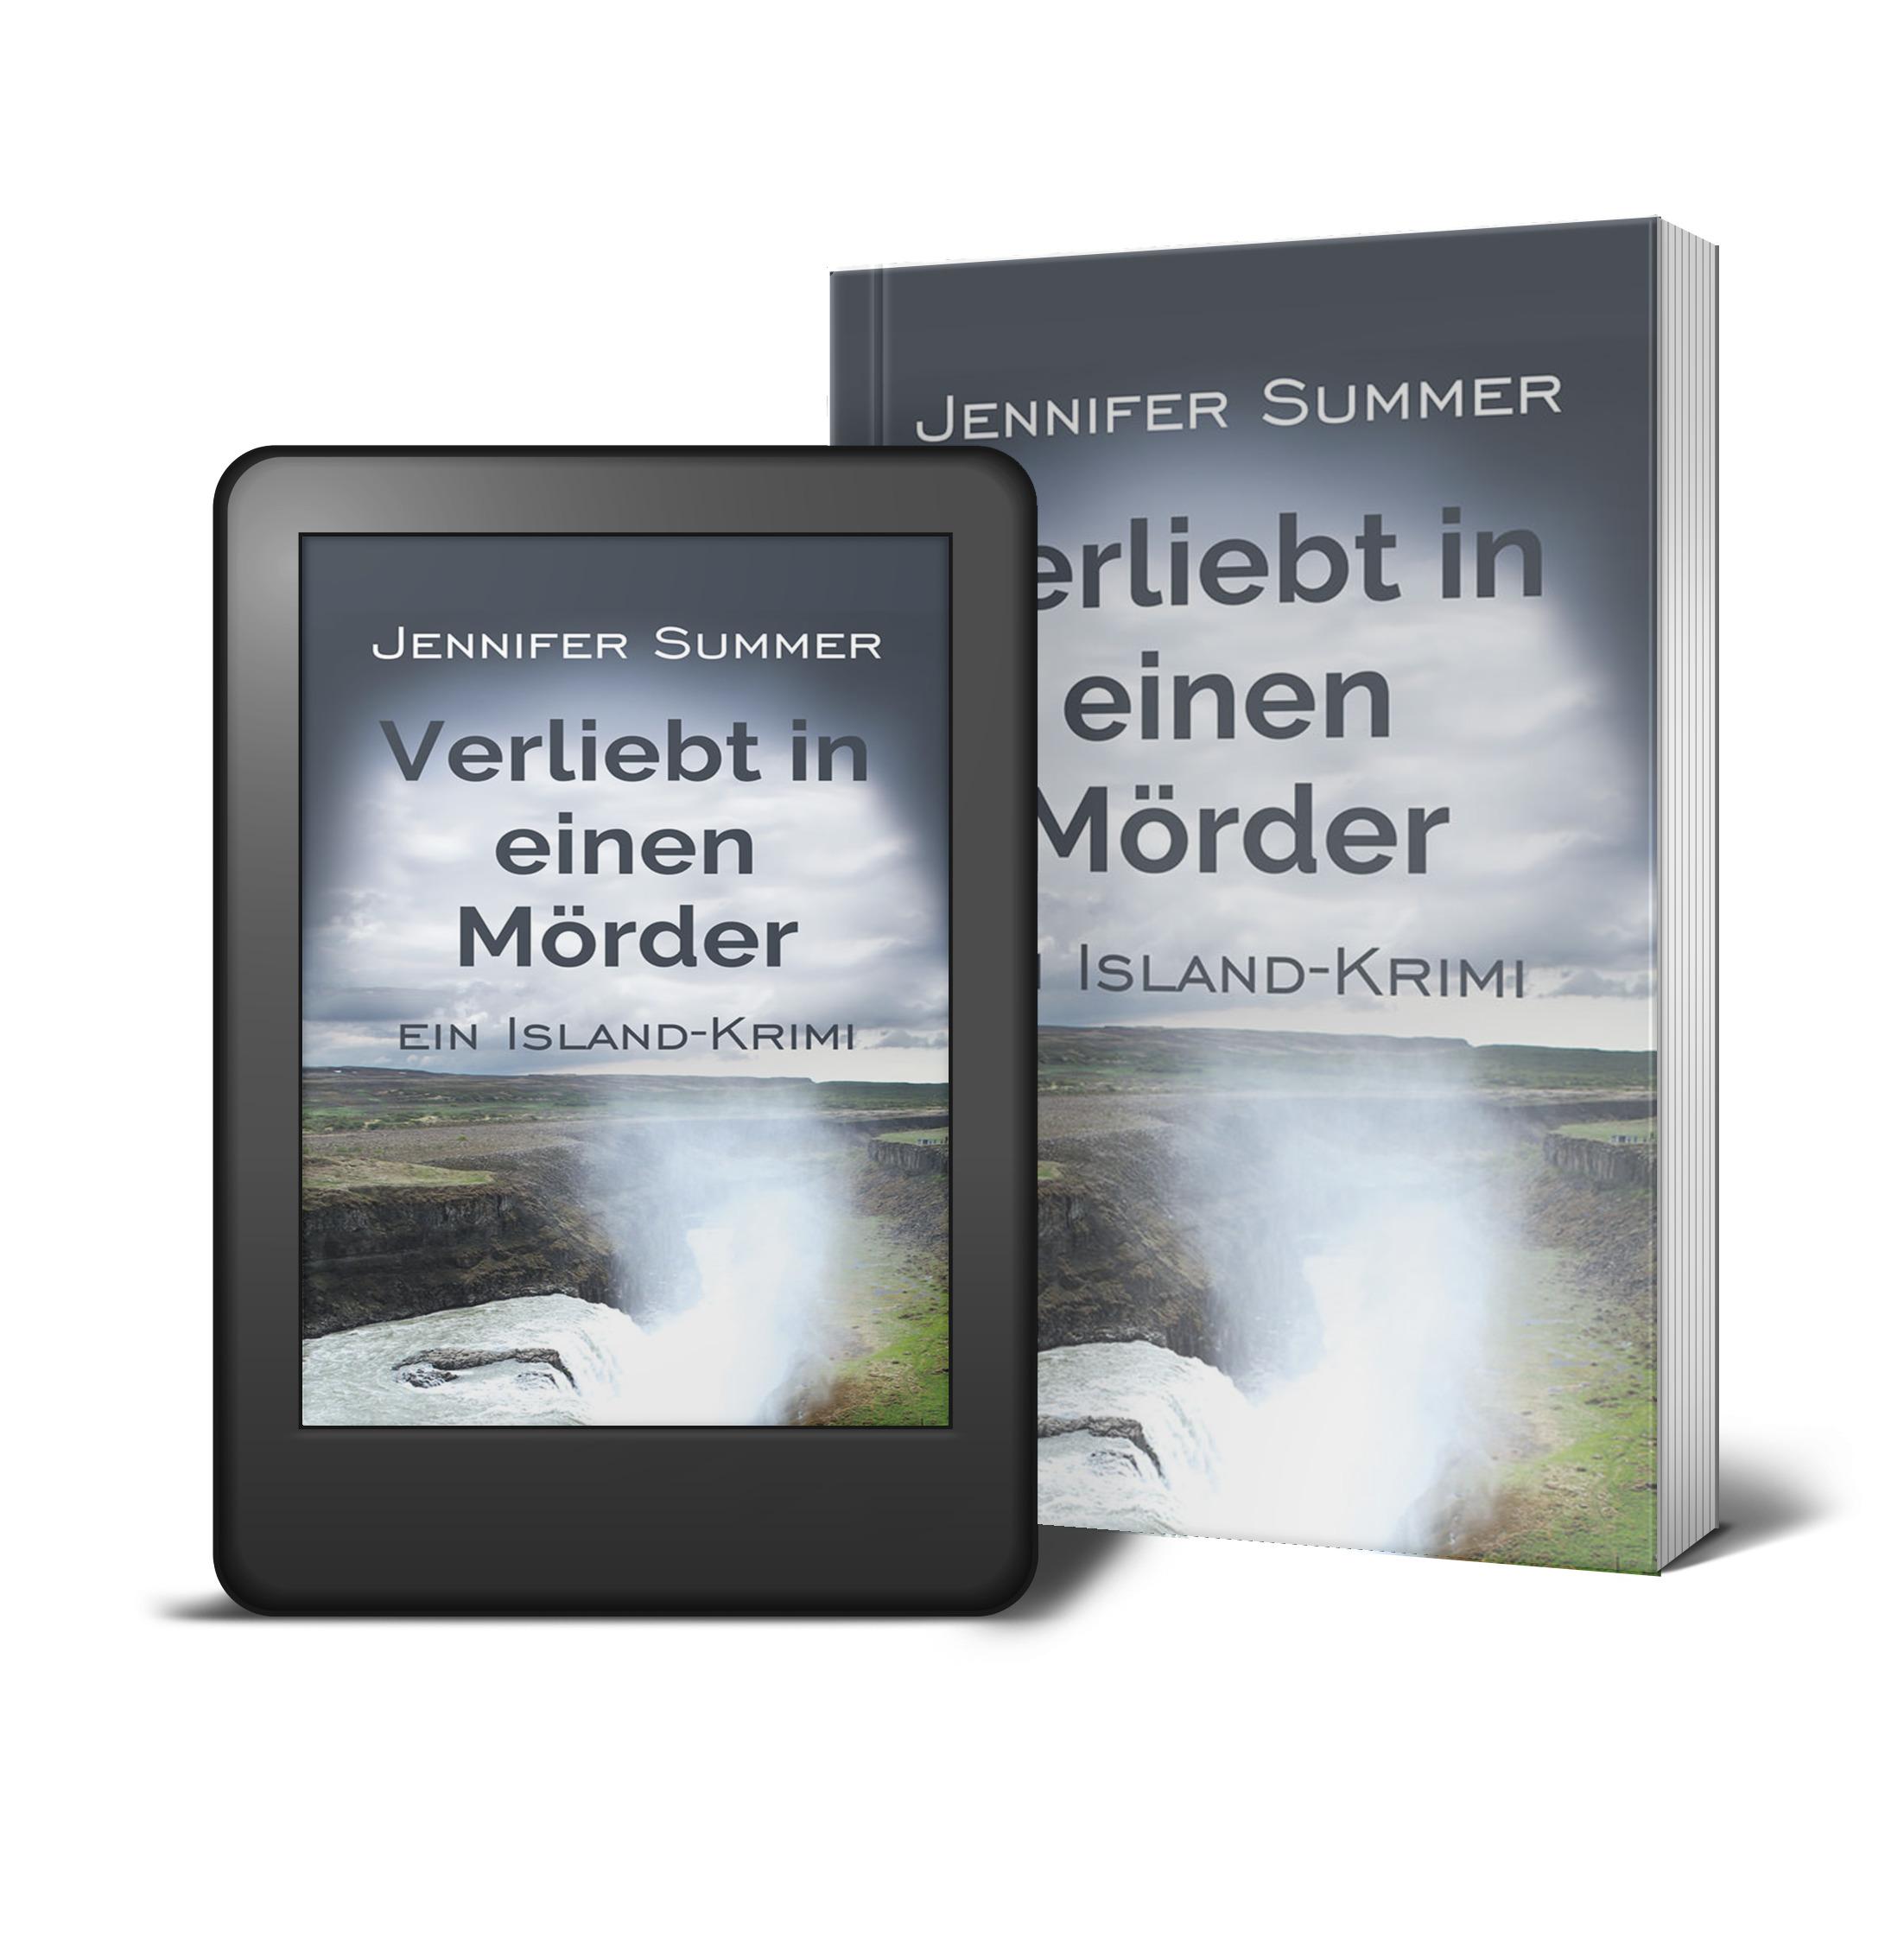 Verliebt in einen Mörder - ein romantischer Reisekrimi über Island von Jennifer Summer